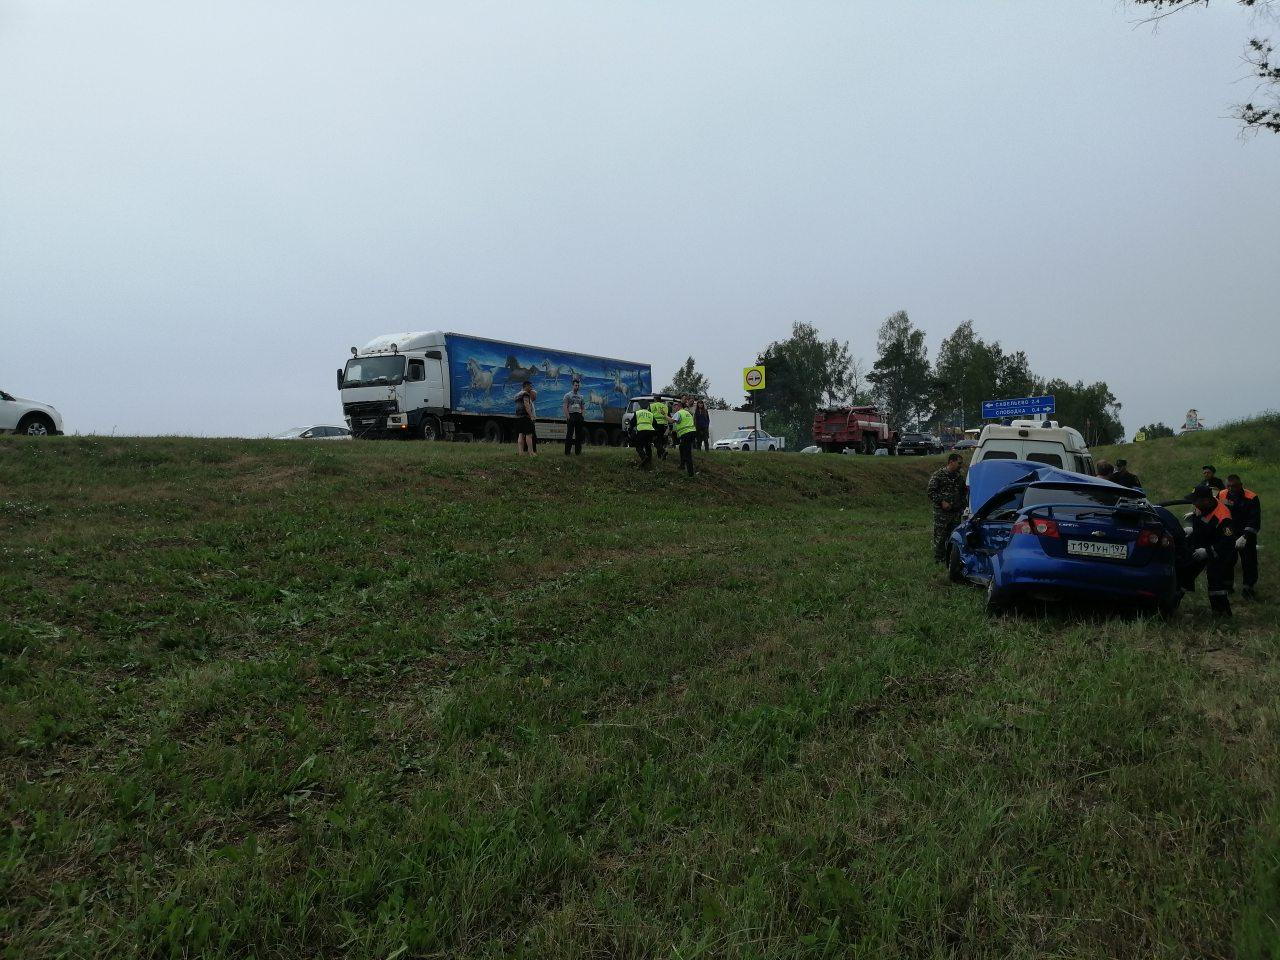 Шесть человек, в том числе четверо детей, пострадали в жутком ДТП с грузовиком в Ярославской области